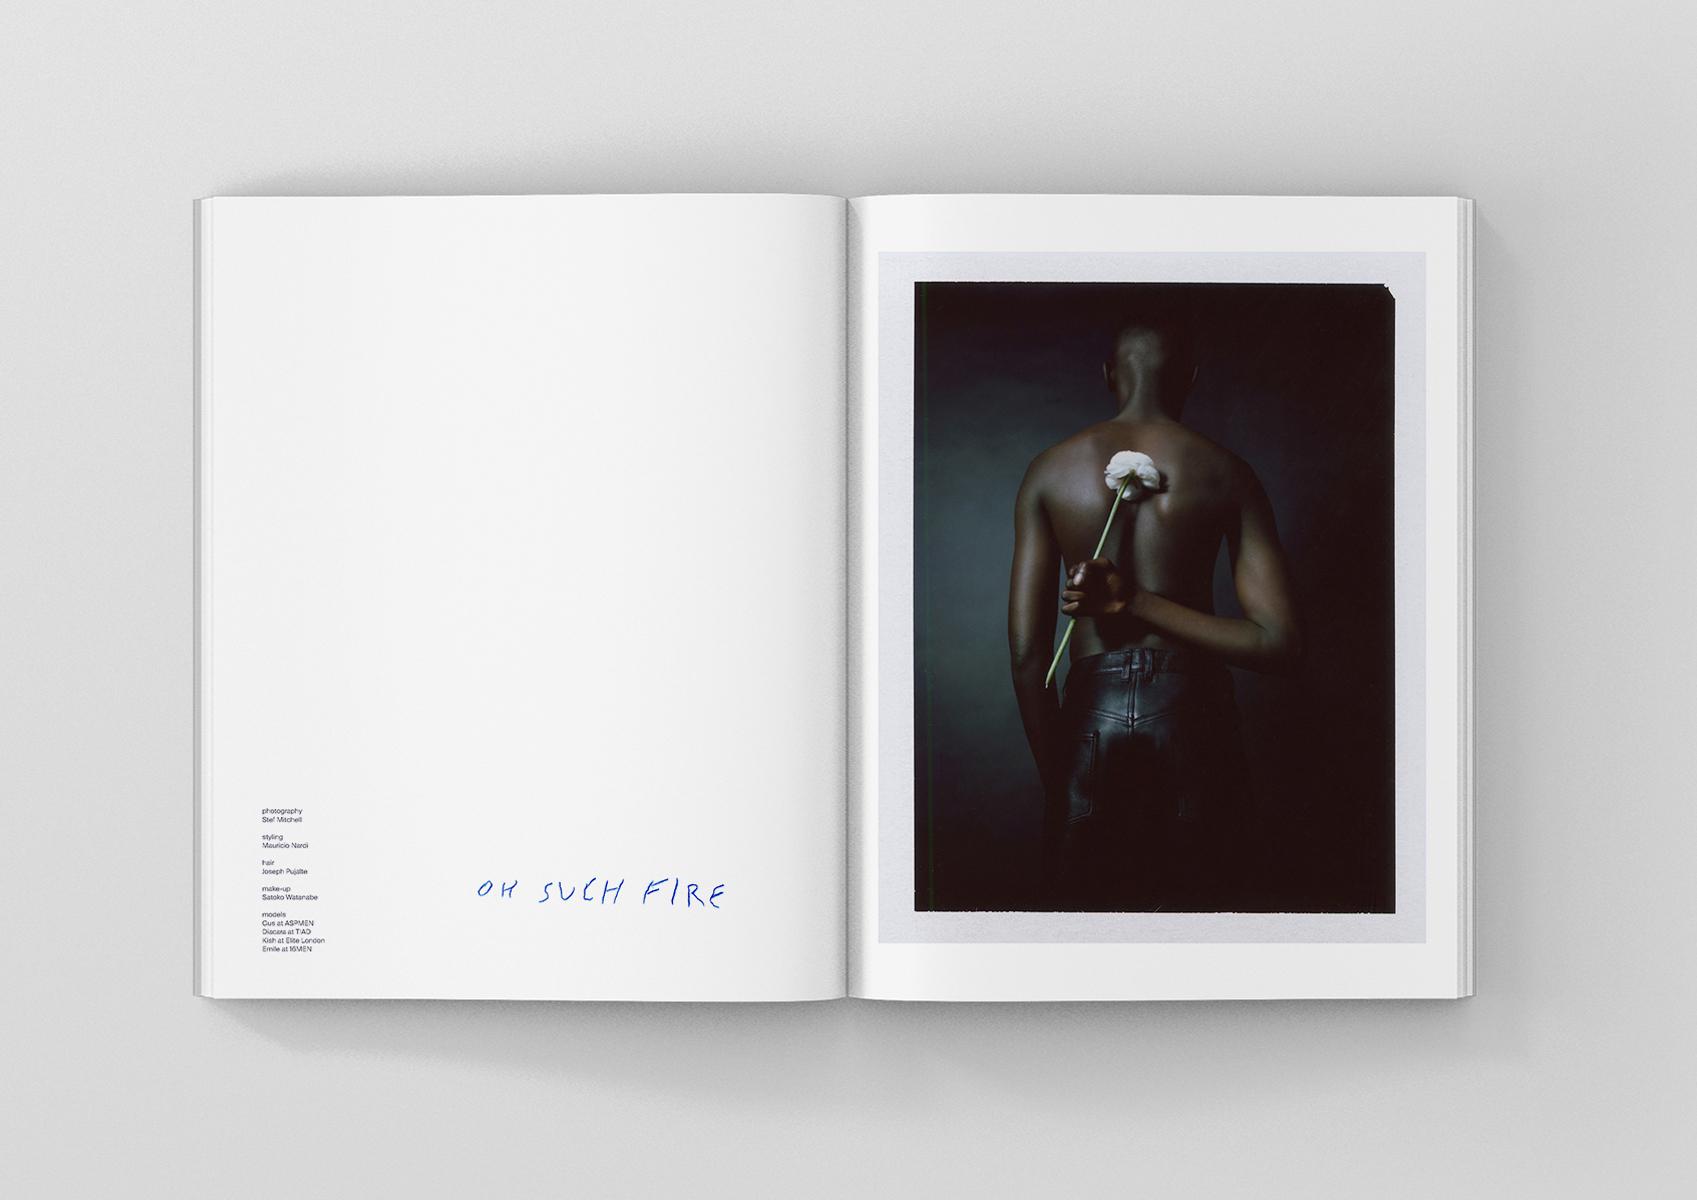 nicoletta-dalfino-dust-magazine-11-spread8